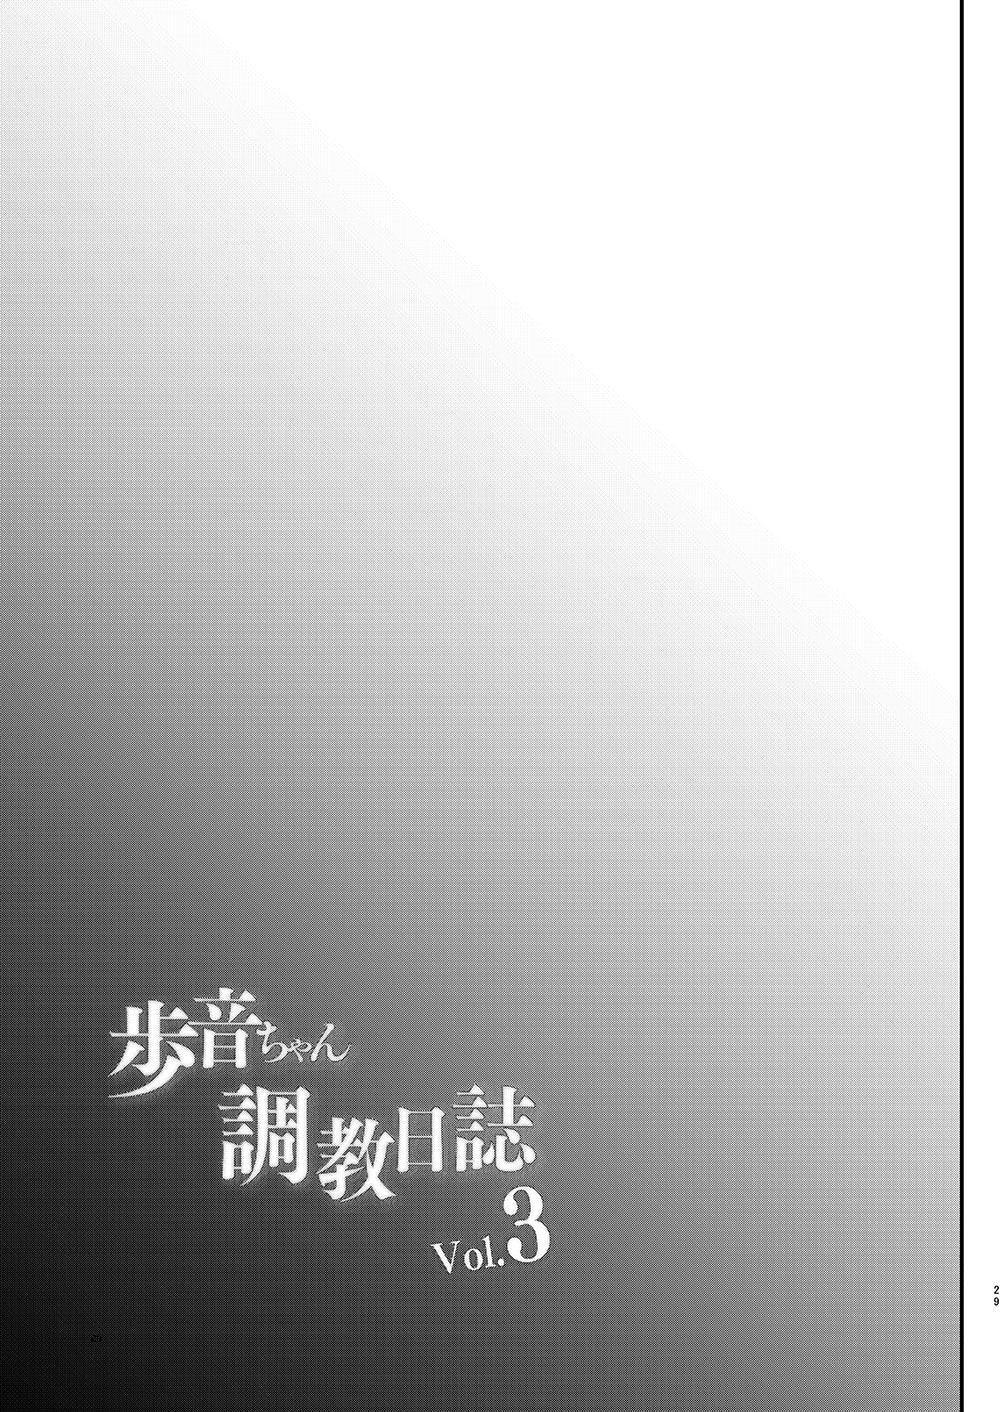 [Shimajiya (Shimaji)] Ayune-chan Choukyou Nisshi Vol. 3 -Gakkou Ecchi Hen- [Chinese] [雪球个人汉化] [Digital] 30